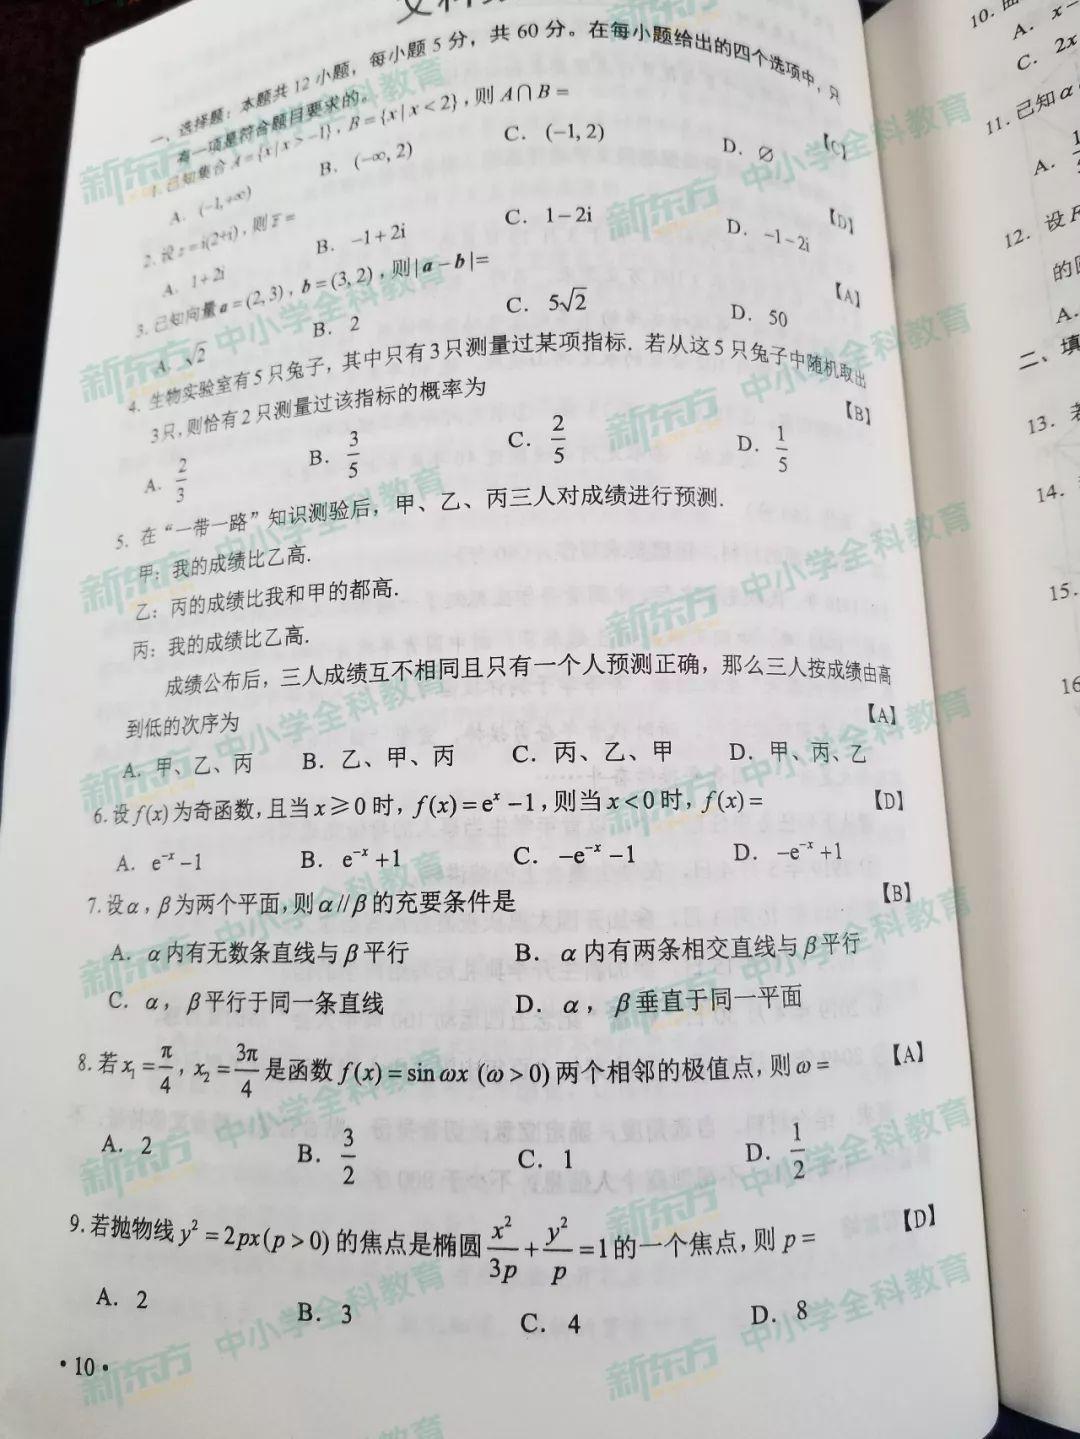 2019全国卷2高考数学文试题及答案